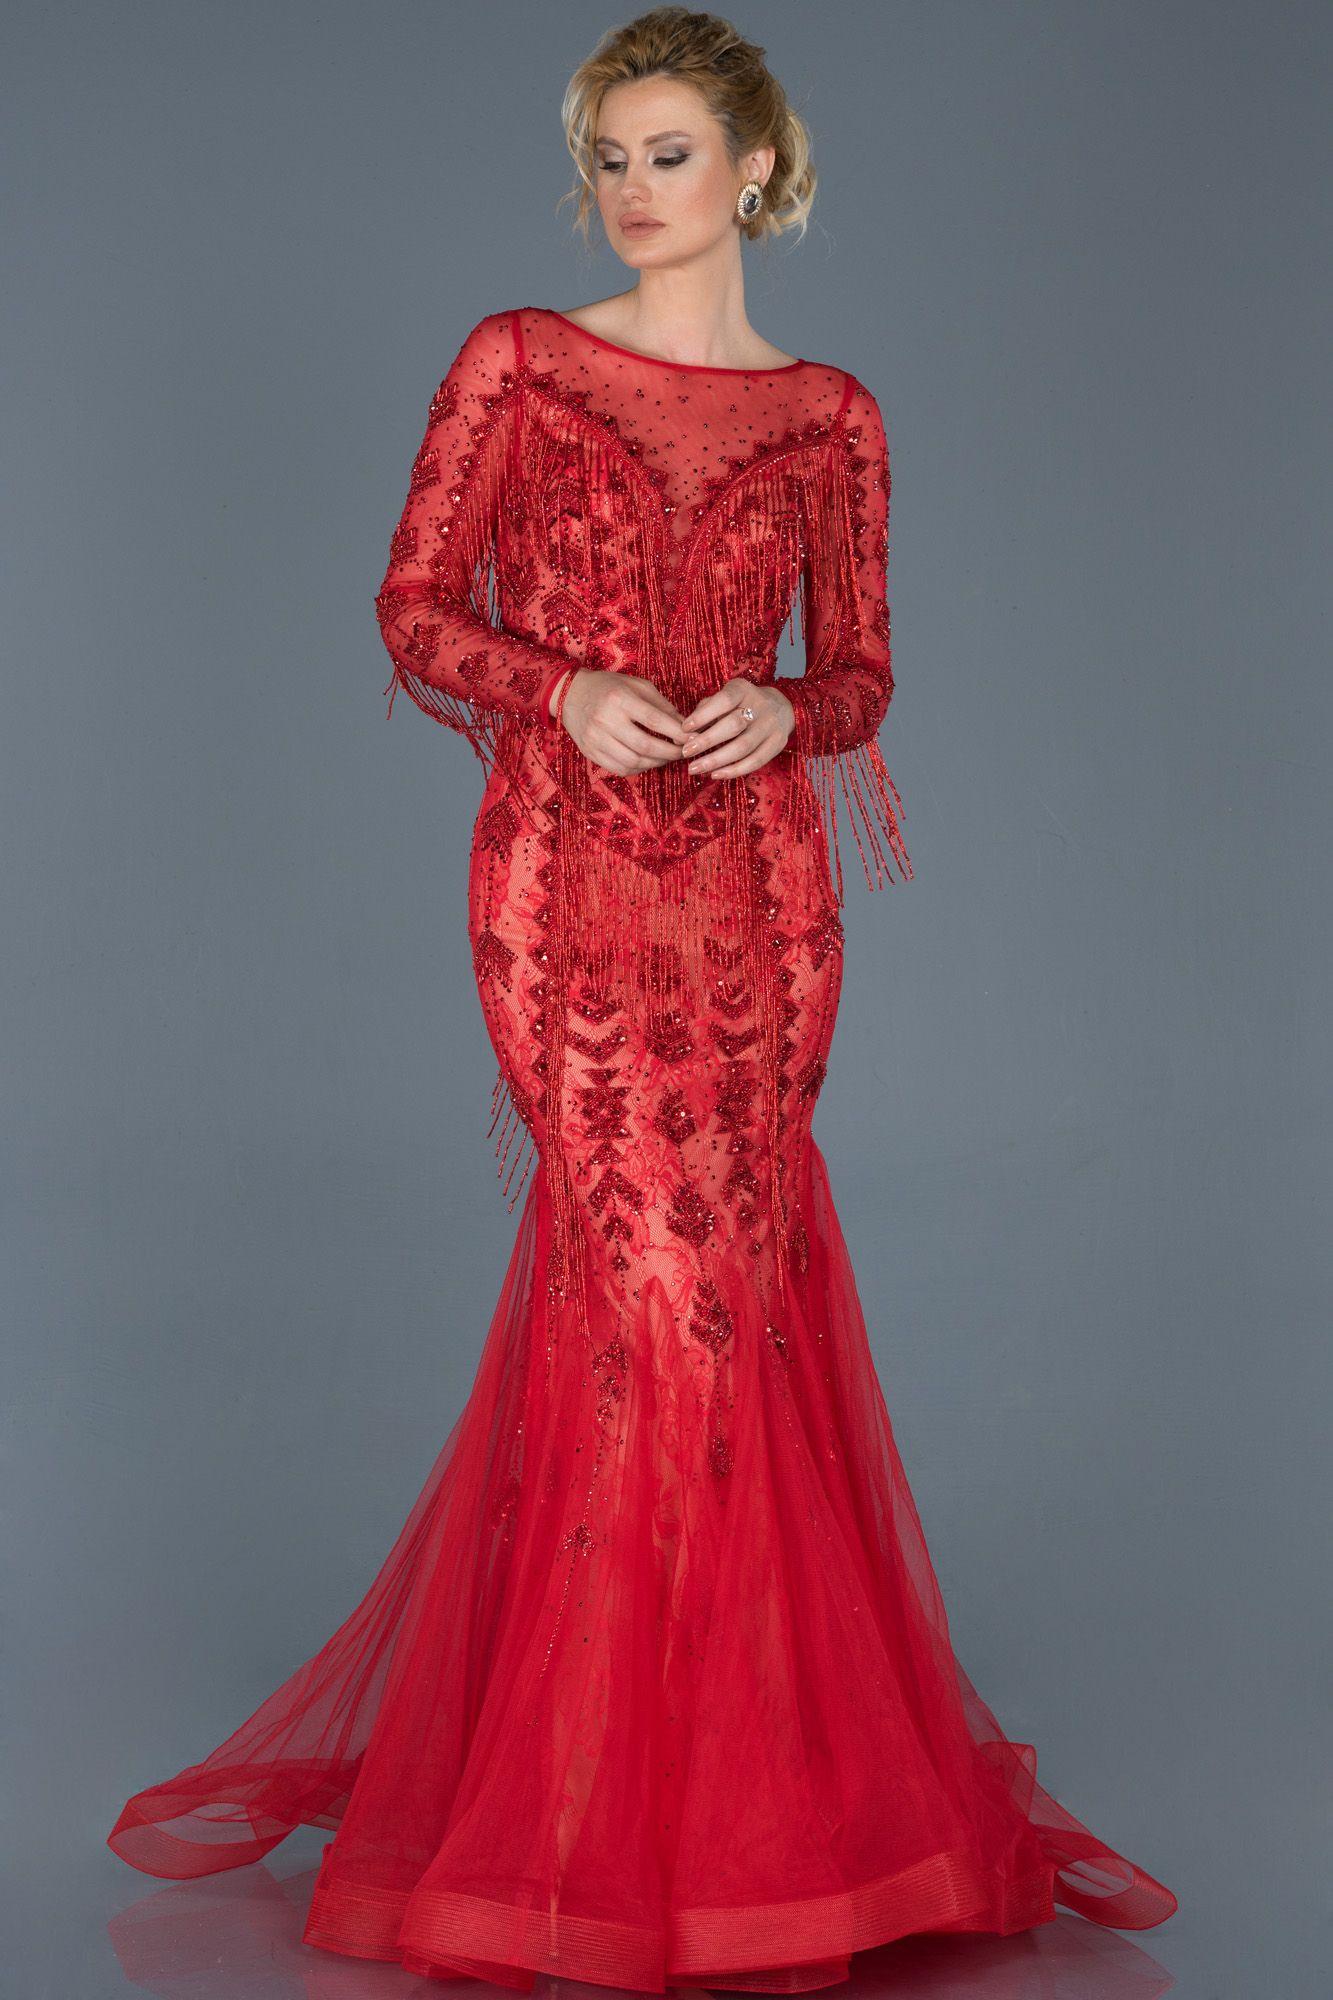 Kirmizi Uzun Tasli Ozel Tasarim Abiye Abu805 2020 The Dress Moda Stilleri Dress Up